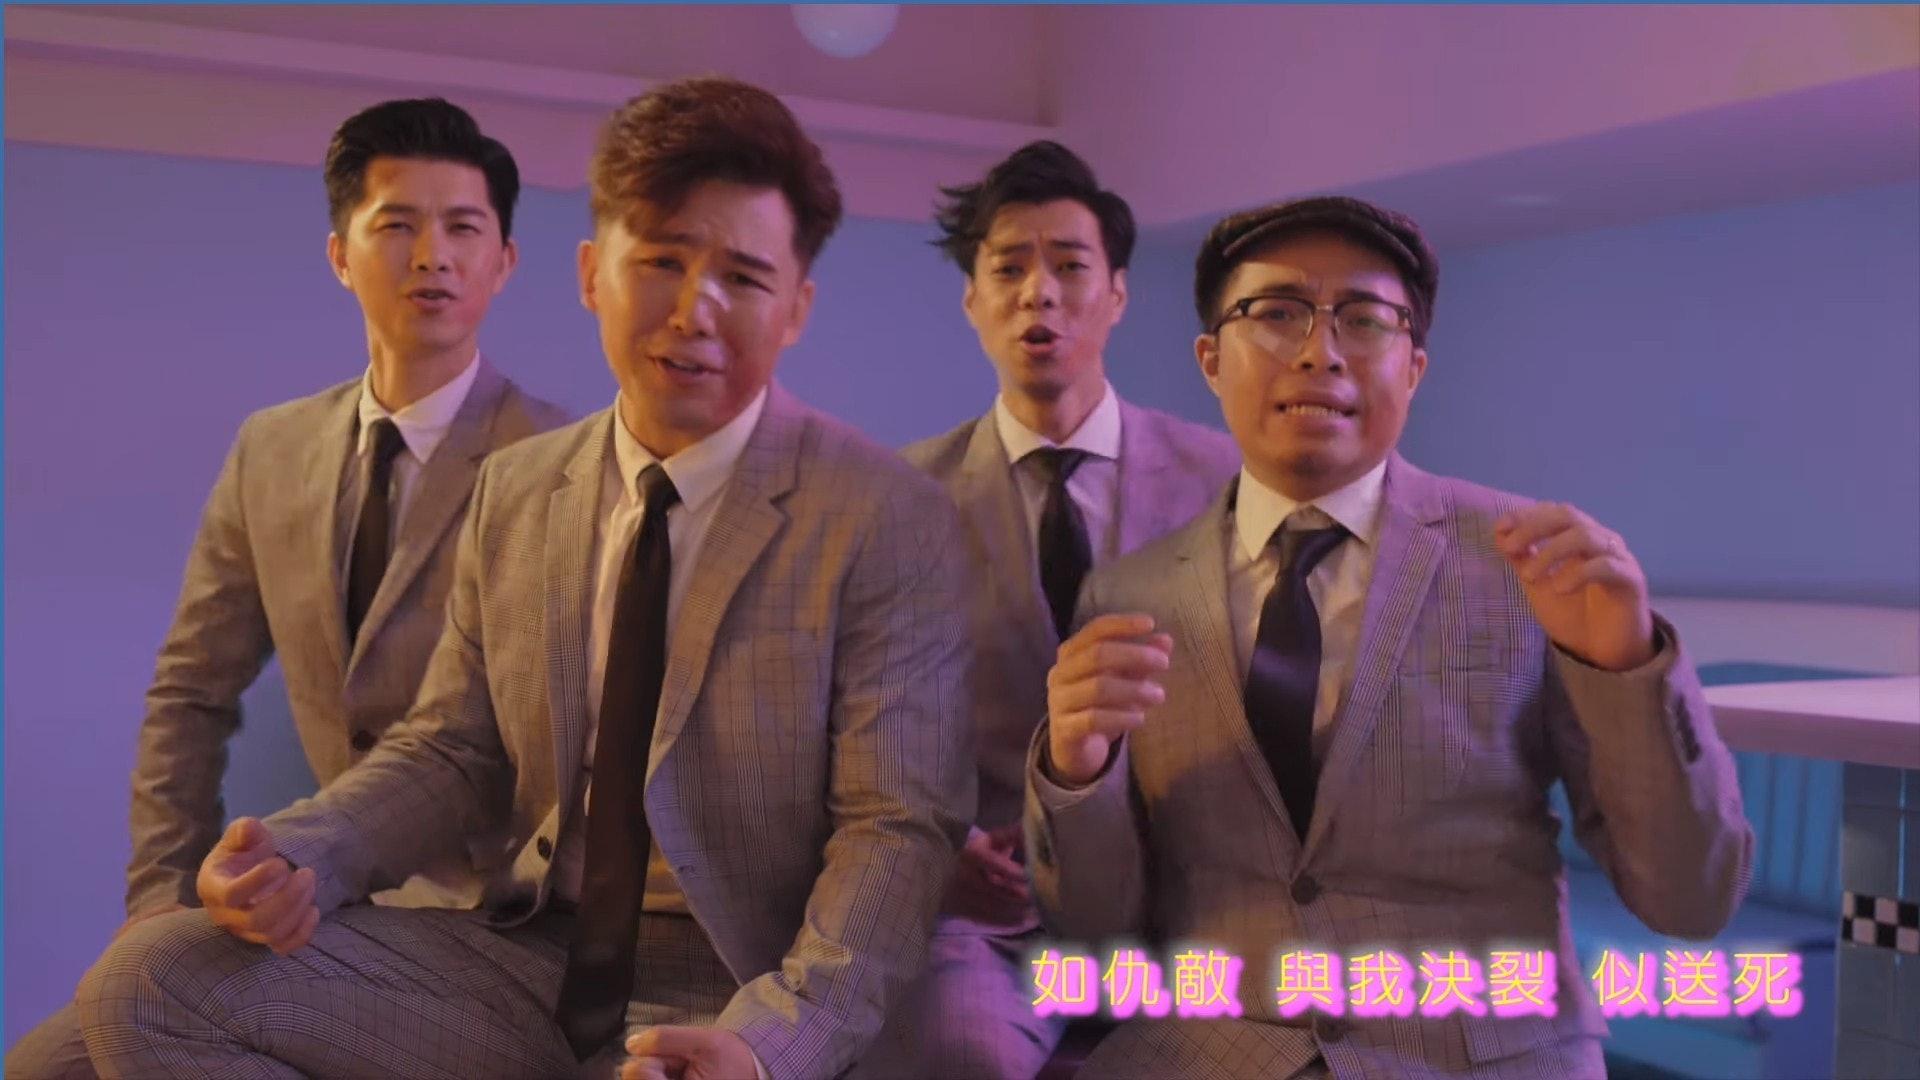 「享樂團」是本地的一隊新音樂組合。(Youtube截圖)